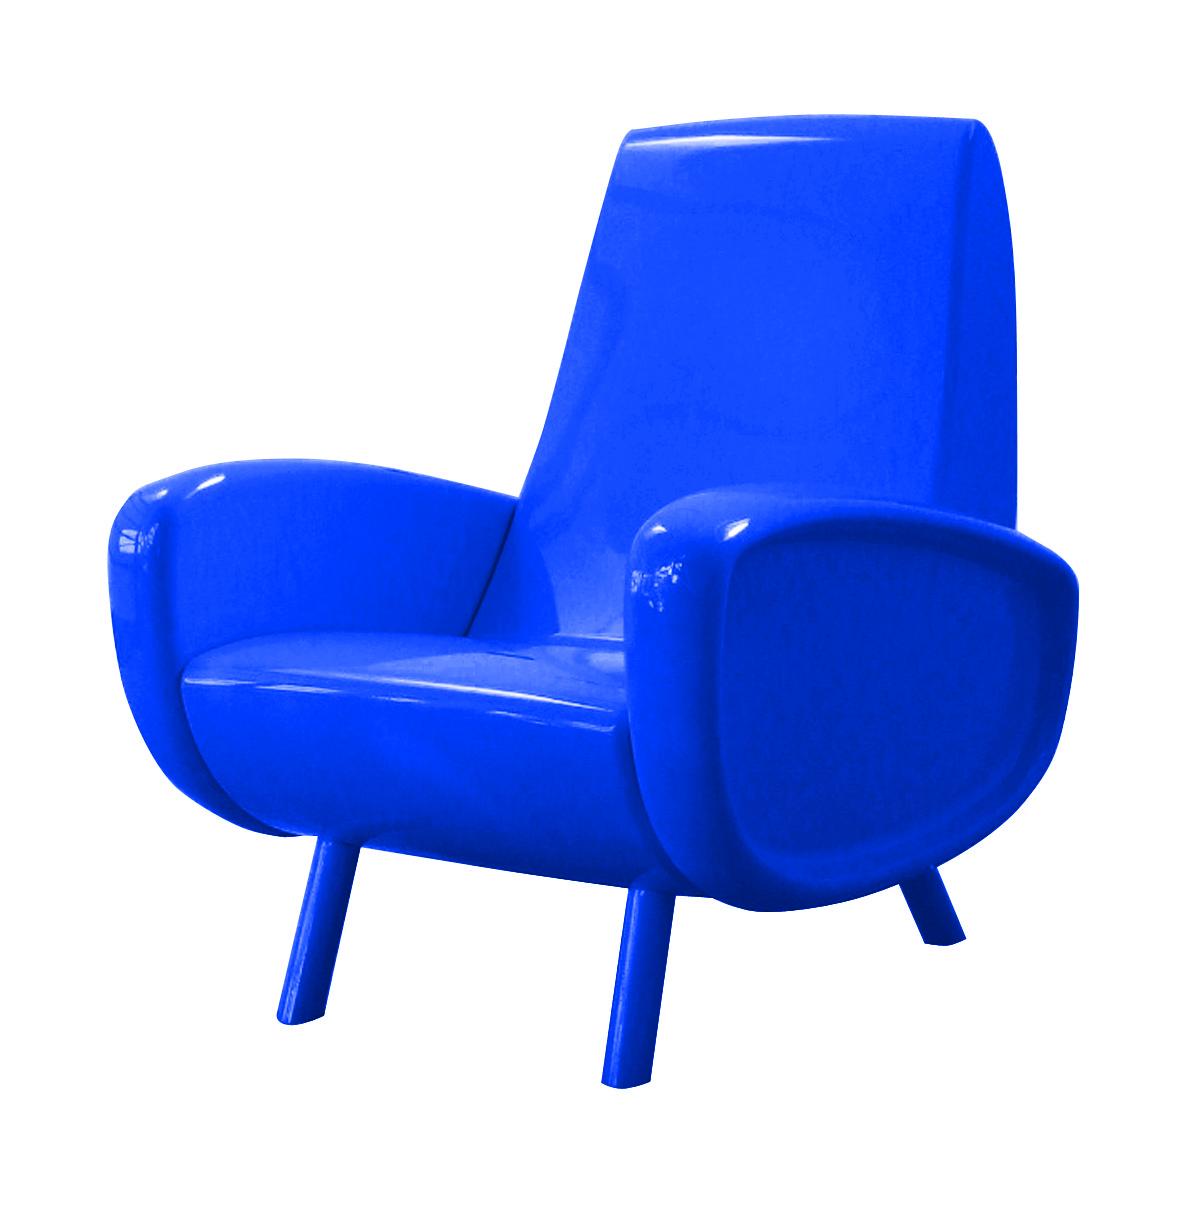 fauteuil enfant bleu maison design. Black Bedroom Furniture Sets. Home Design Ideas